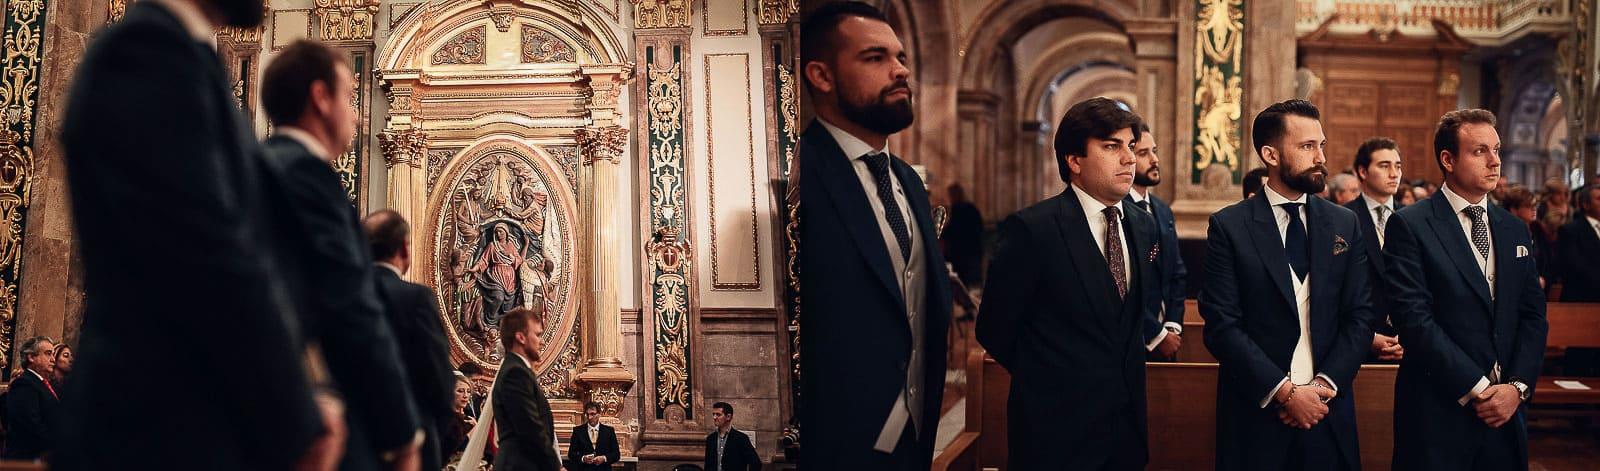 hombres invitados traje